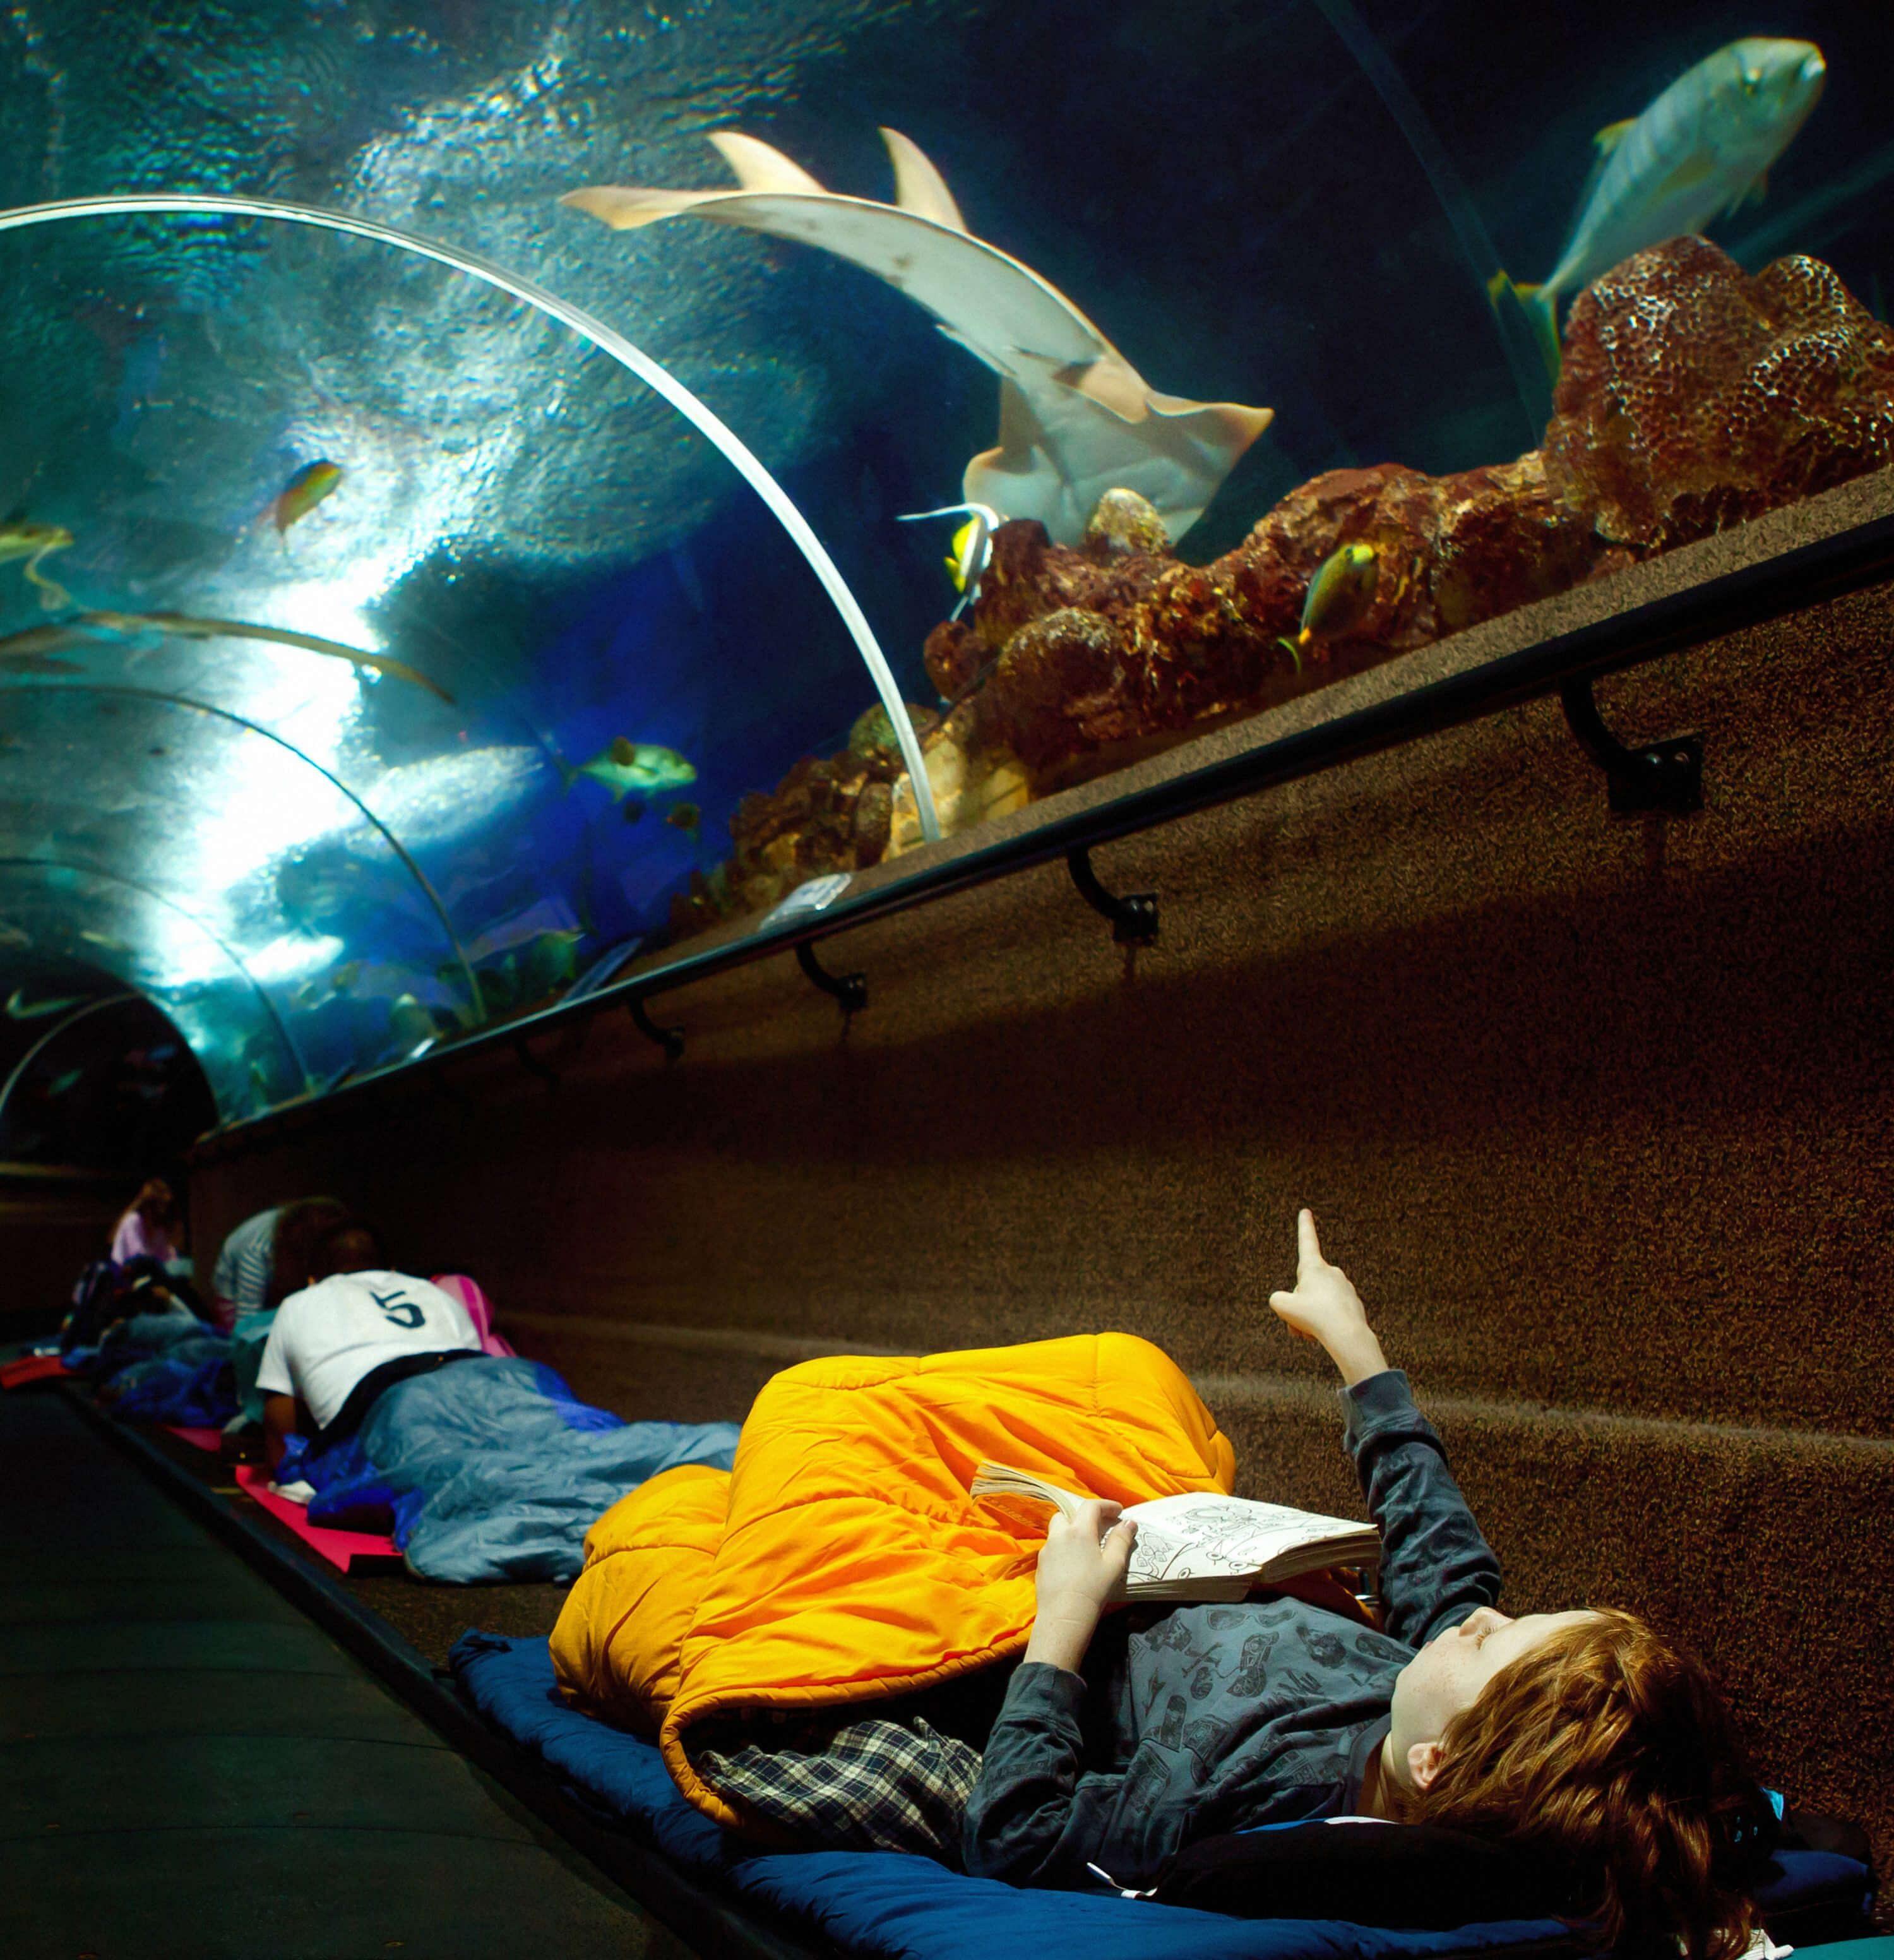 Fish aquarium in sentosa - Sleeping Under The Fishes